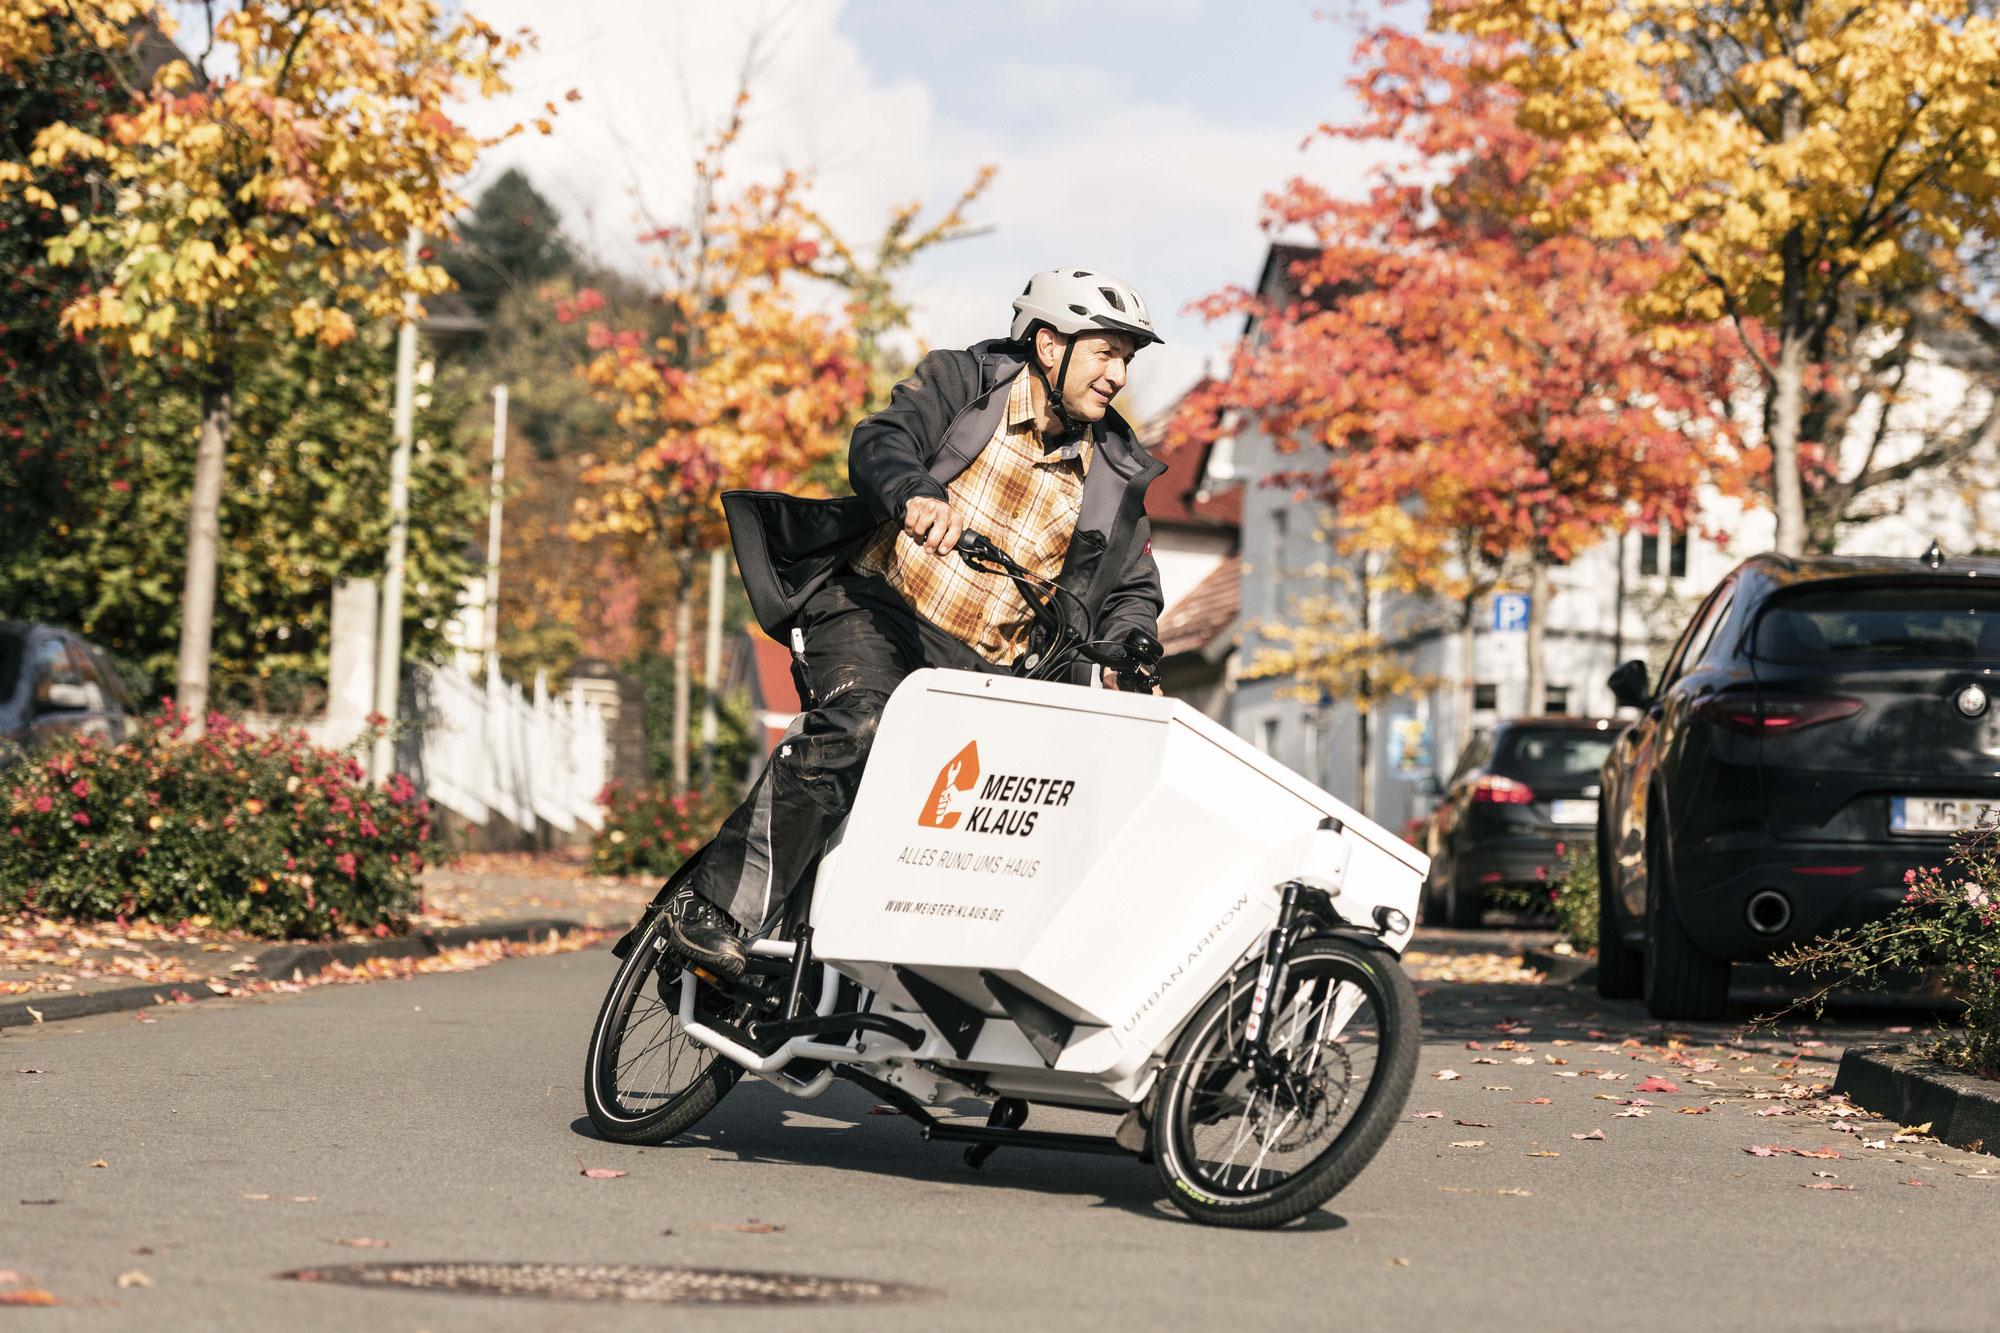 Tragfähig und pannensicher – Schwalbes neuer Reifen für das Cargobike